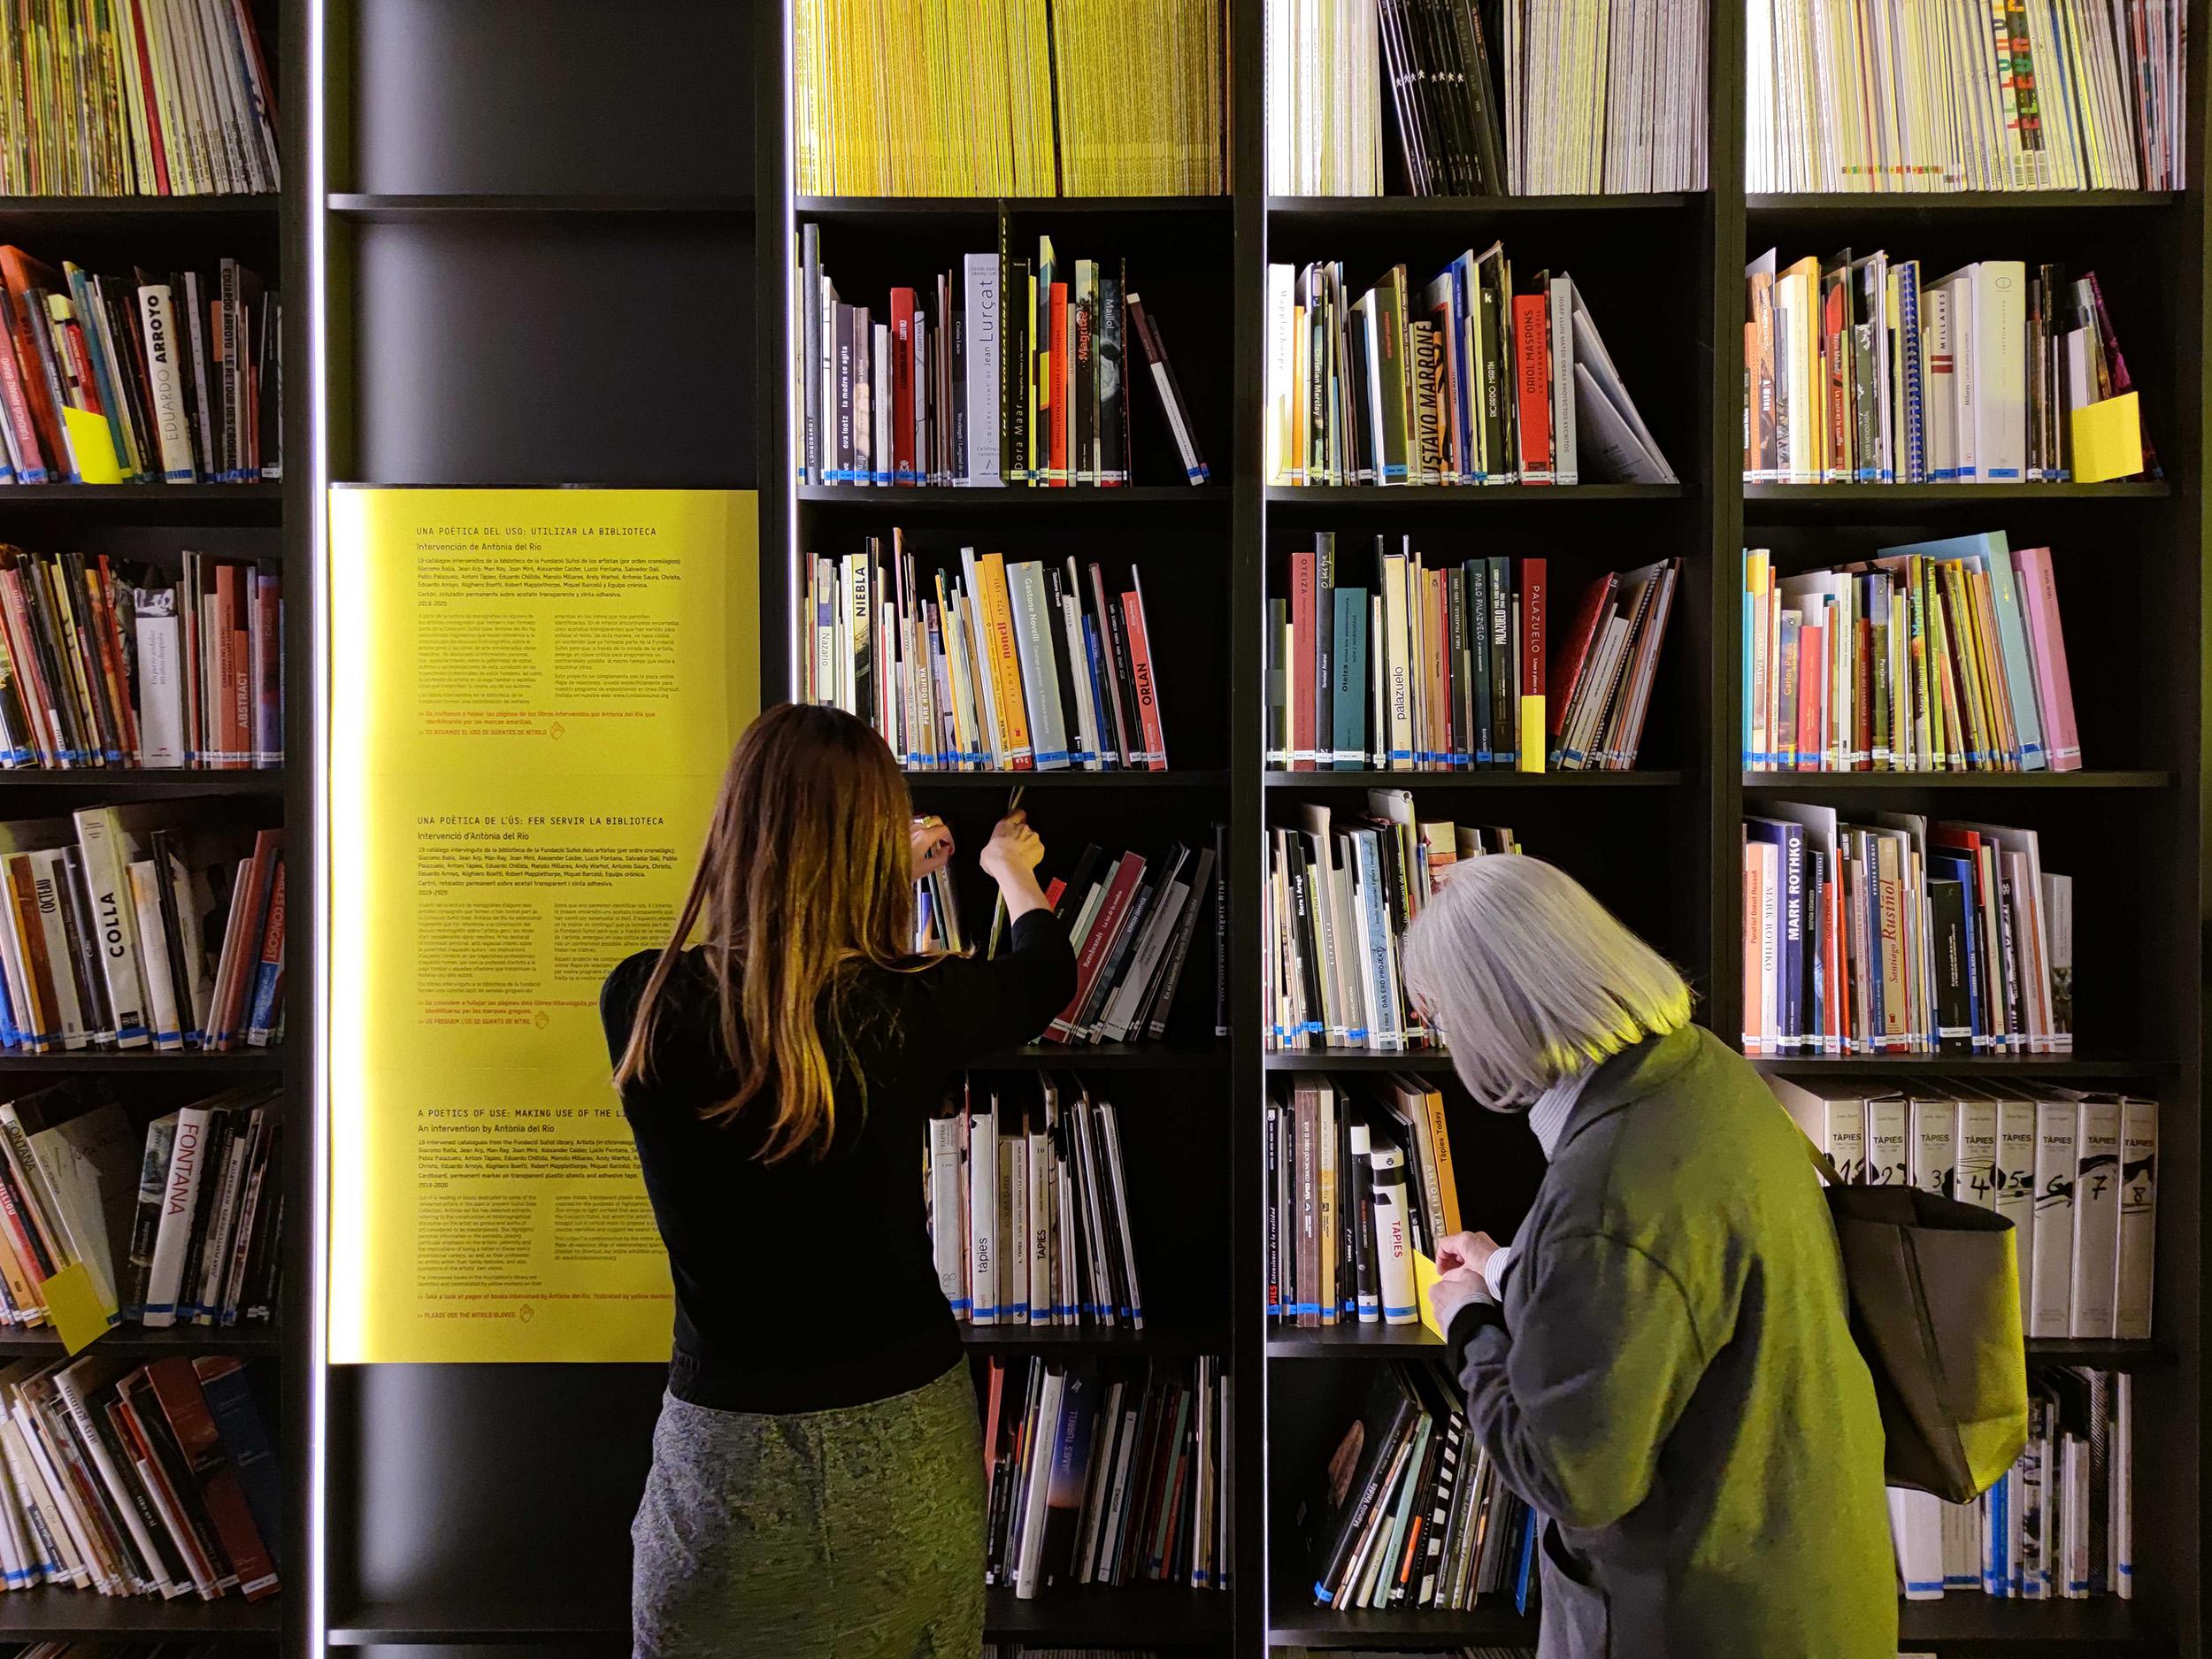 Una poètica de l'ús: fer servir la biblioteca